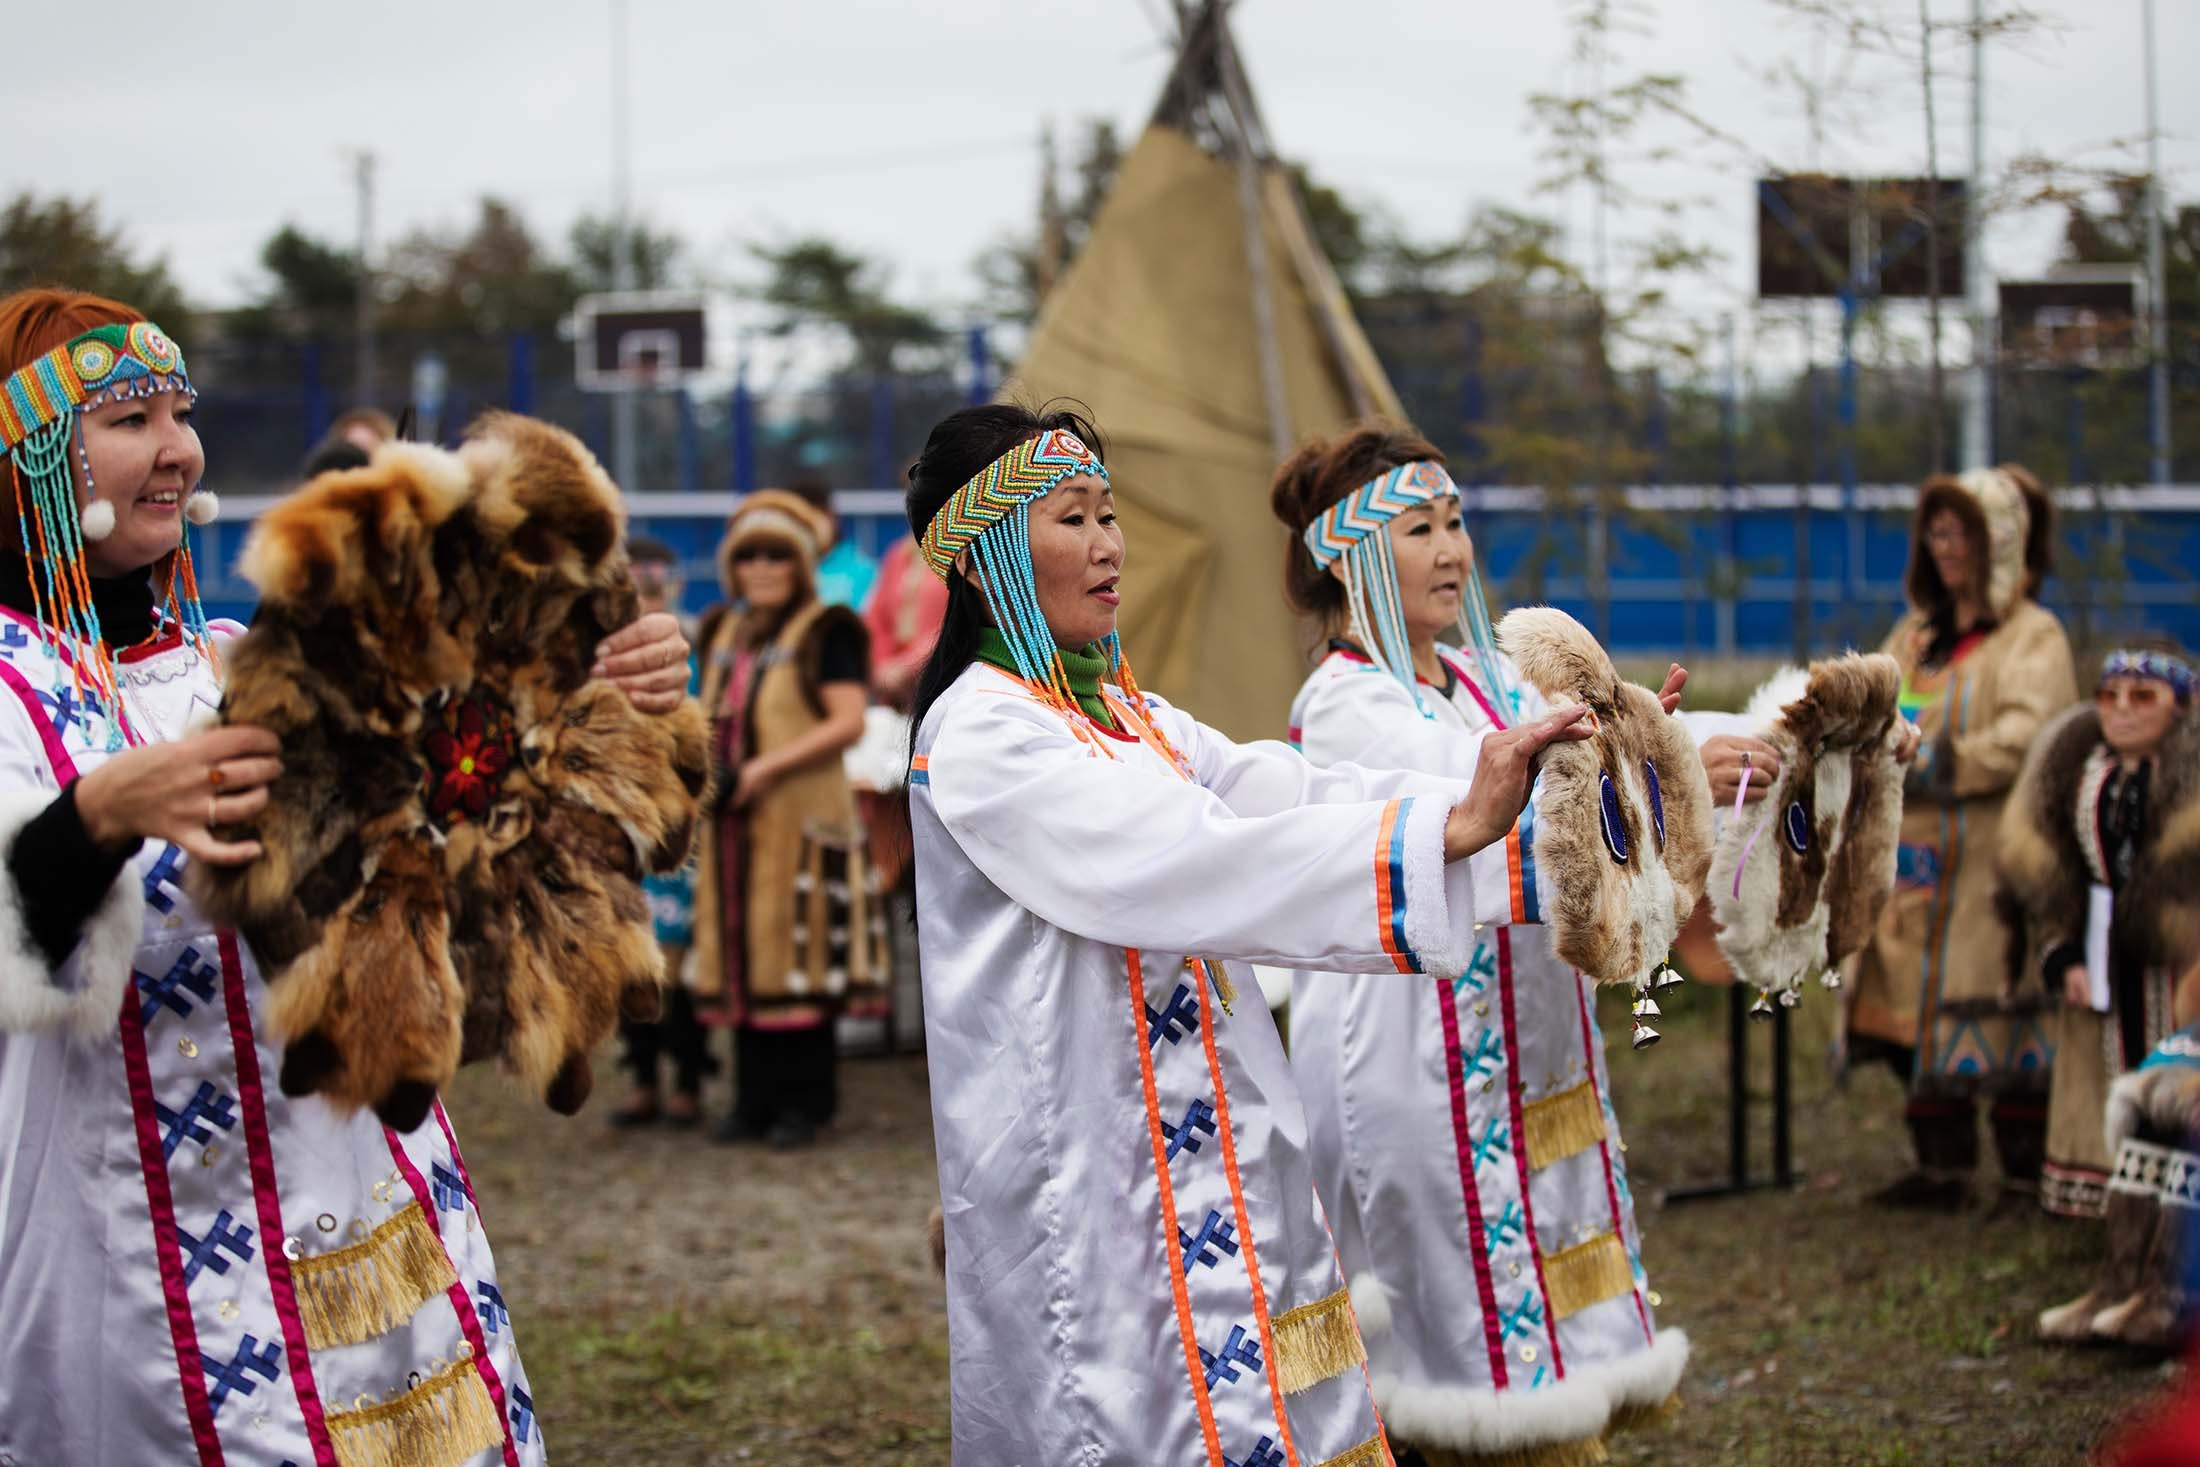 Eveny people in Okhotsk City, Russian Far East